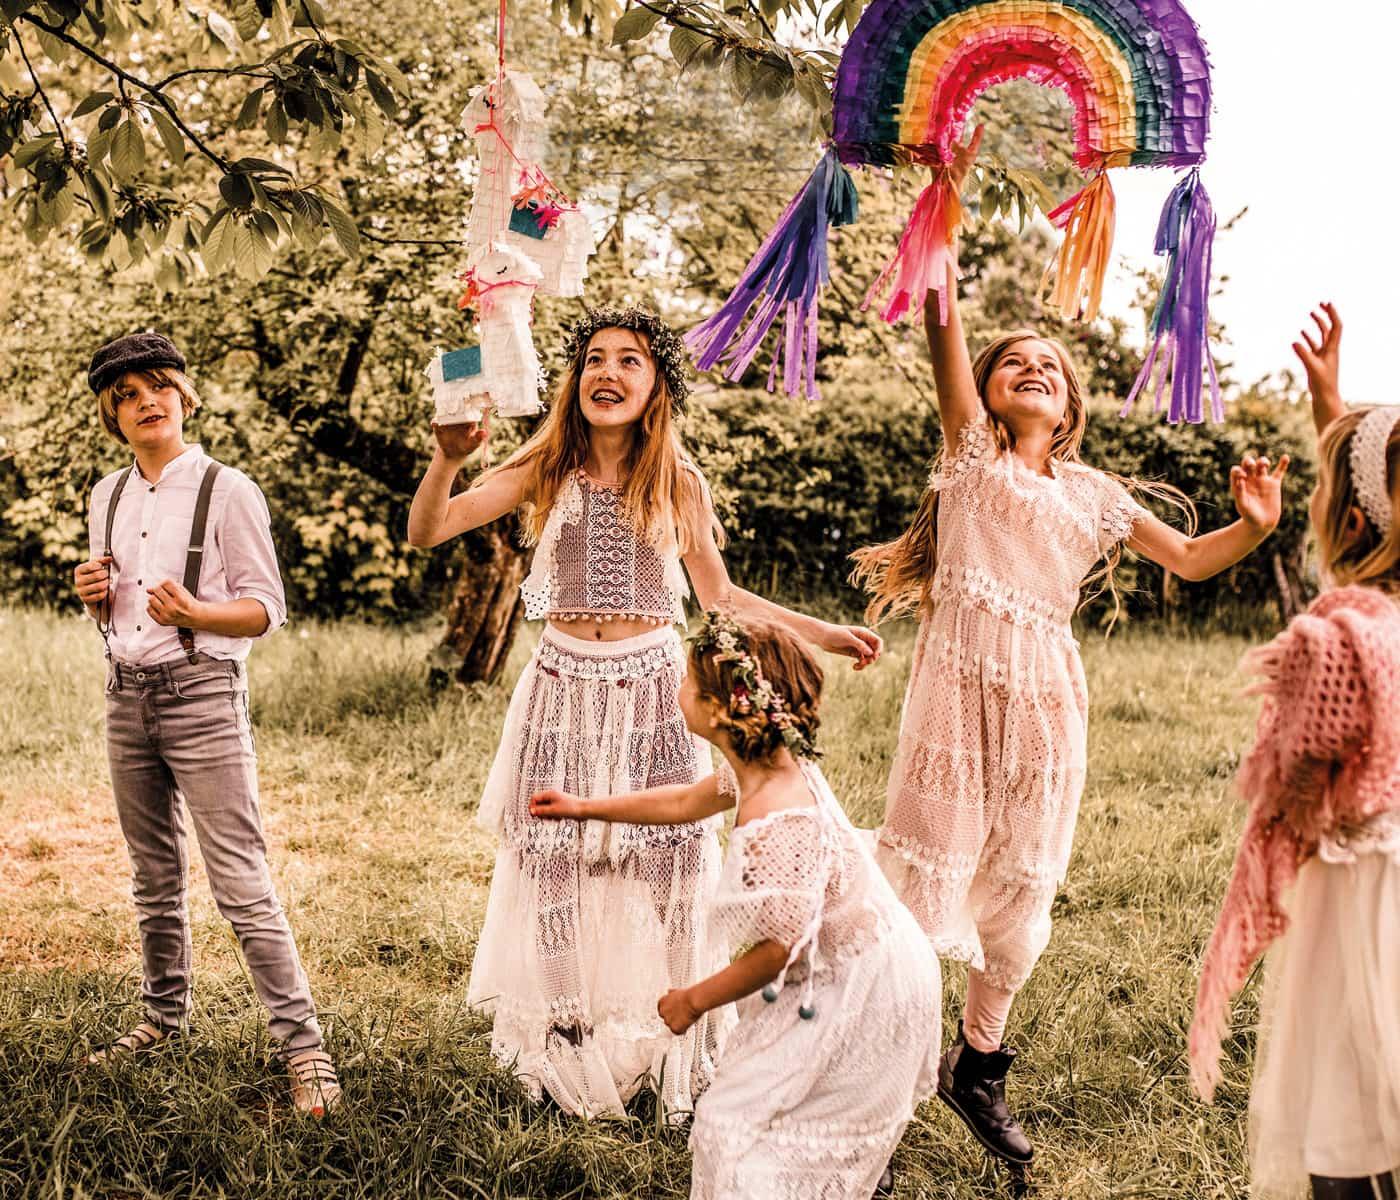 Familienfeiern mit Kindern: Regenbogendeko und fröhliche Kinder // HIMBEER